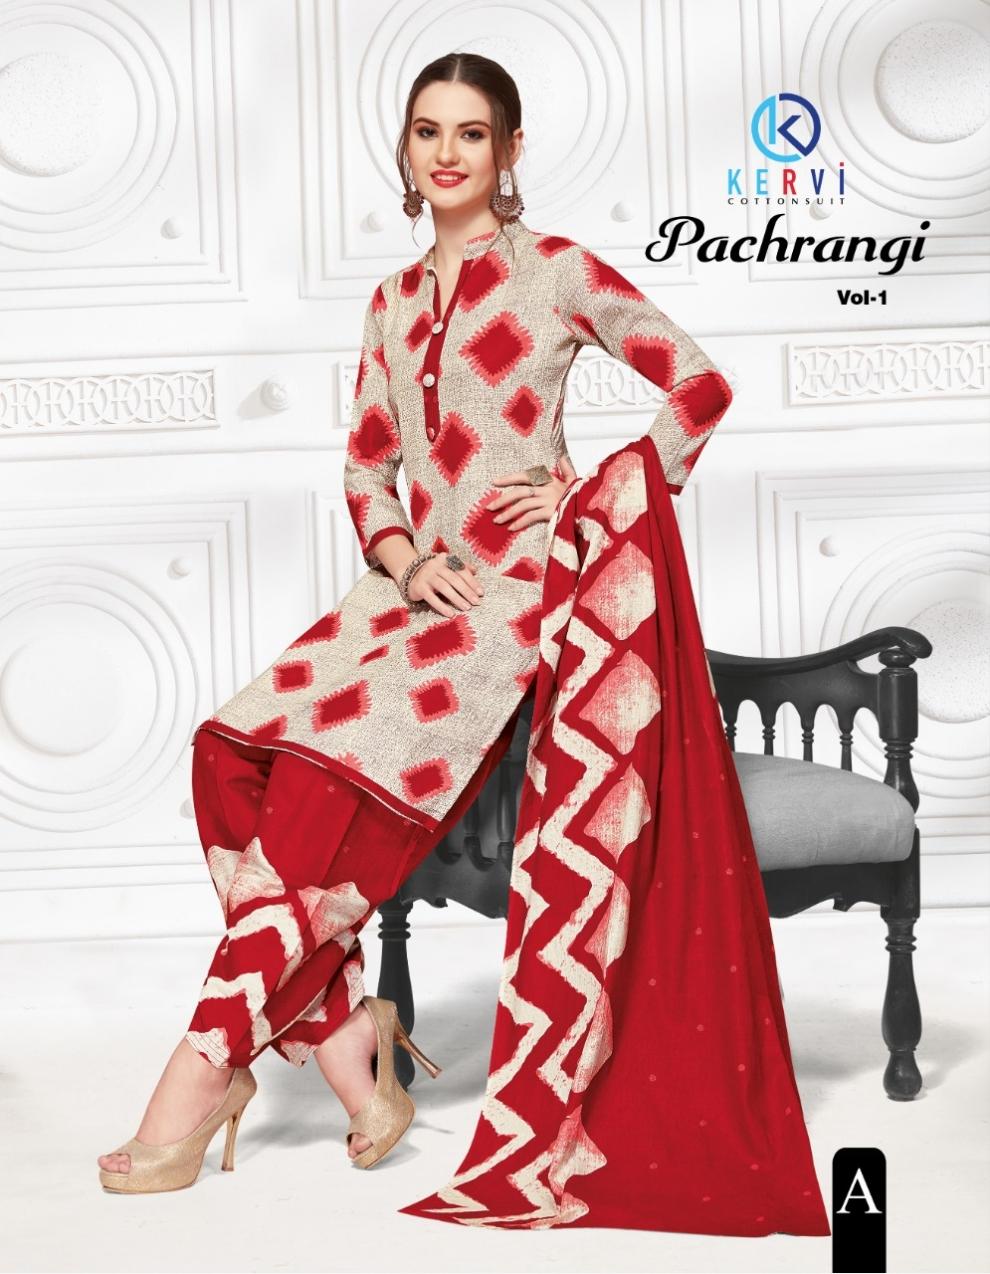 Kervi Pari Pachrangi (7)